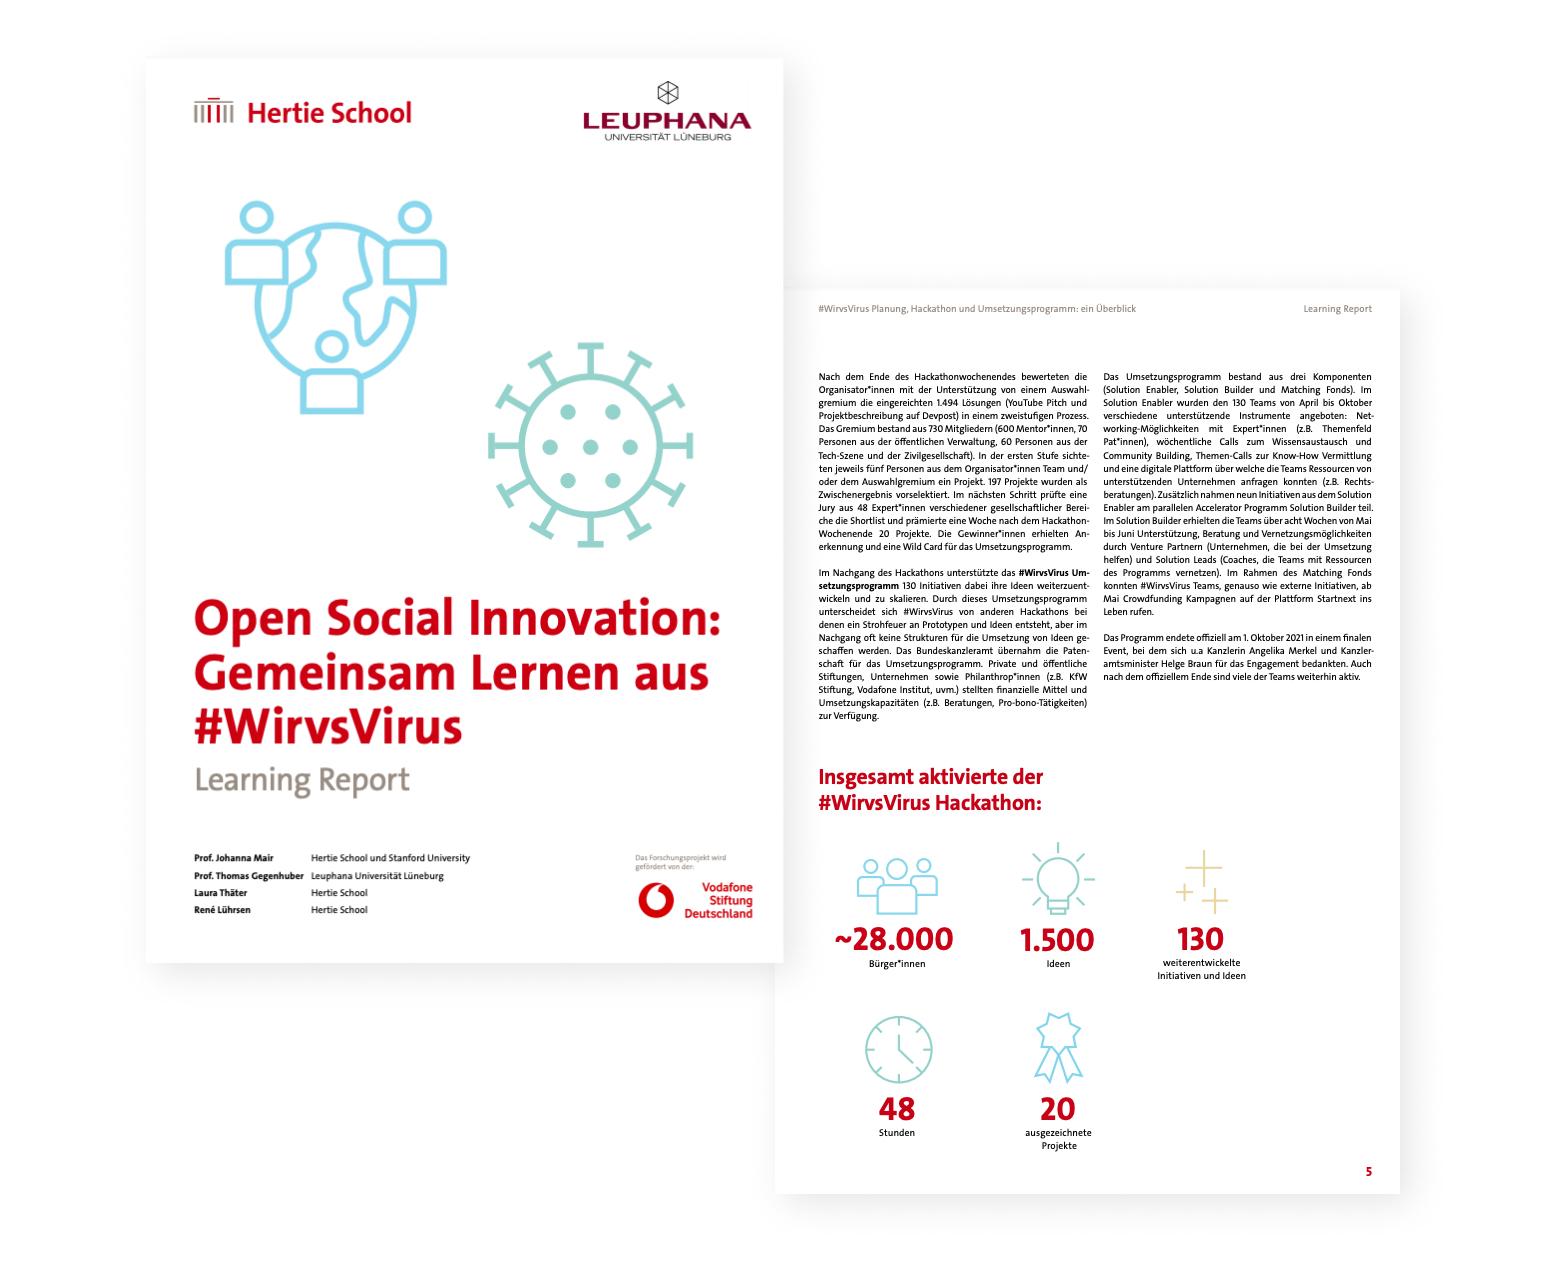 Vorschau des Berichts Open Social Innovation